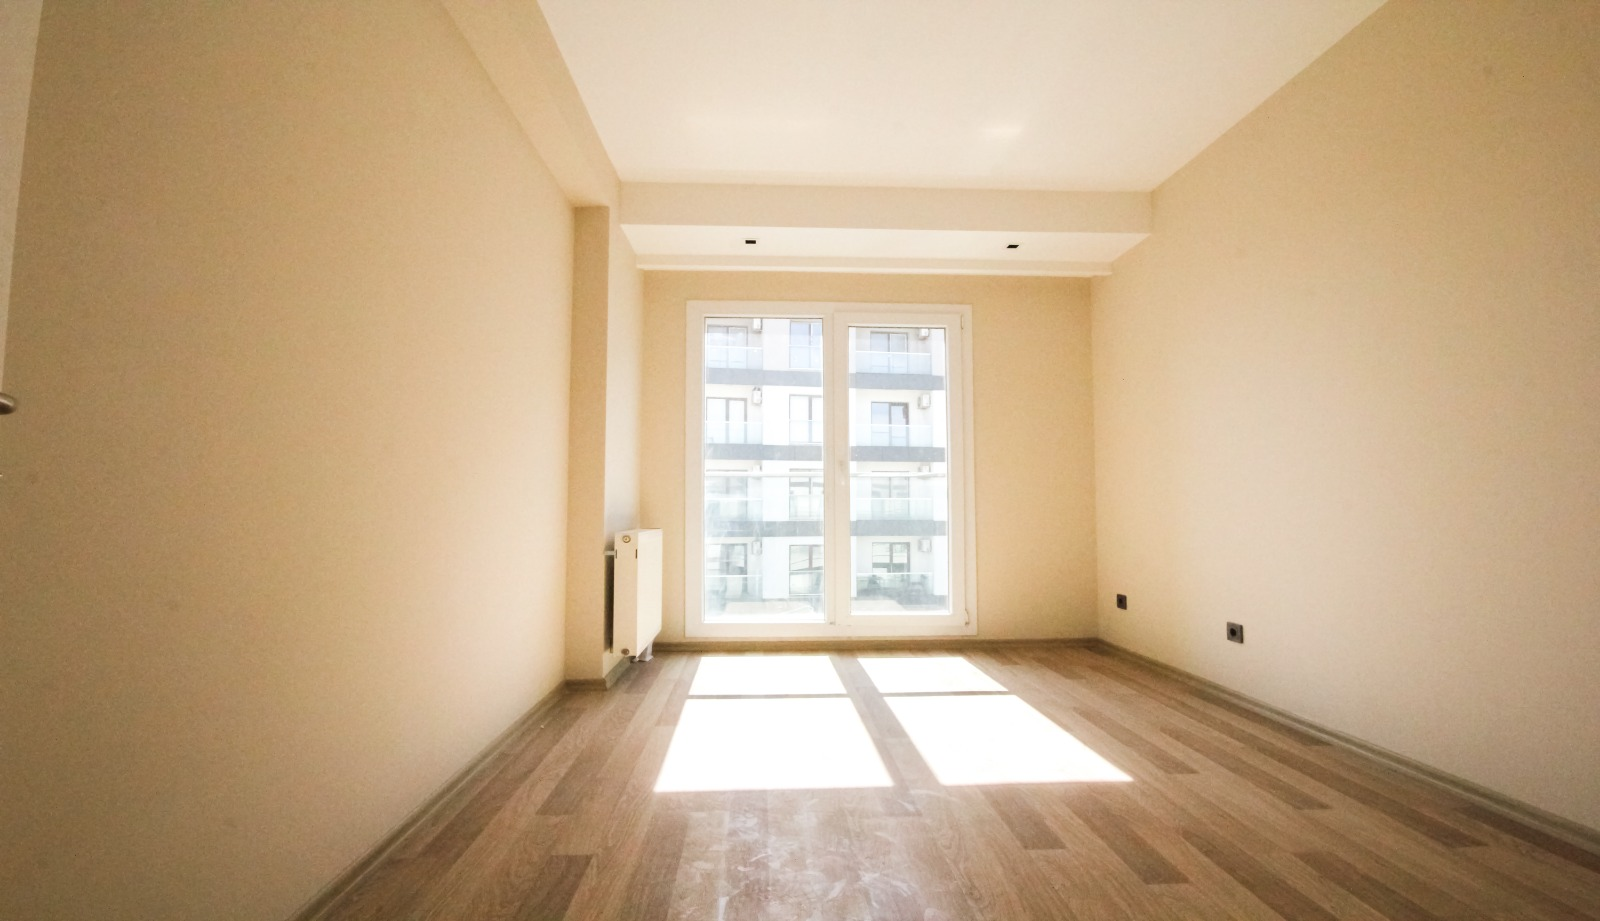 Апартаменты в жилом комплексе Стамбула - Фото 11